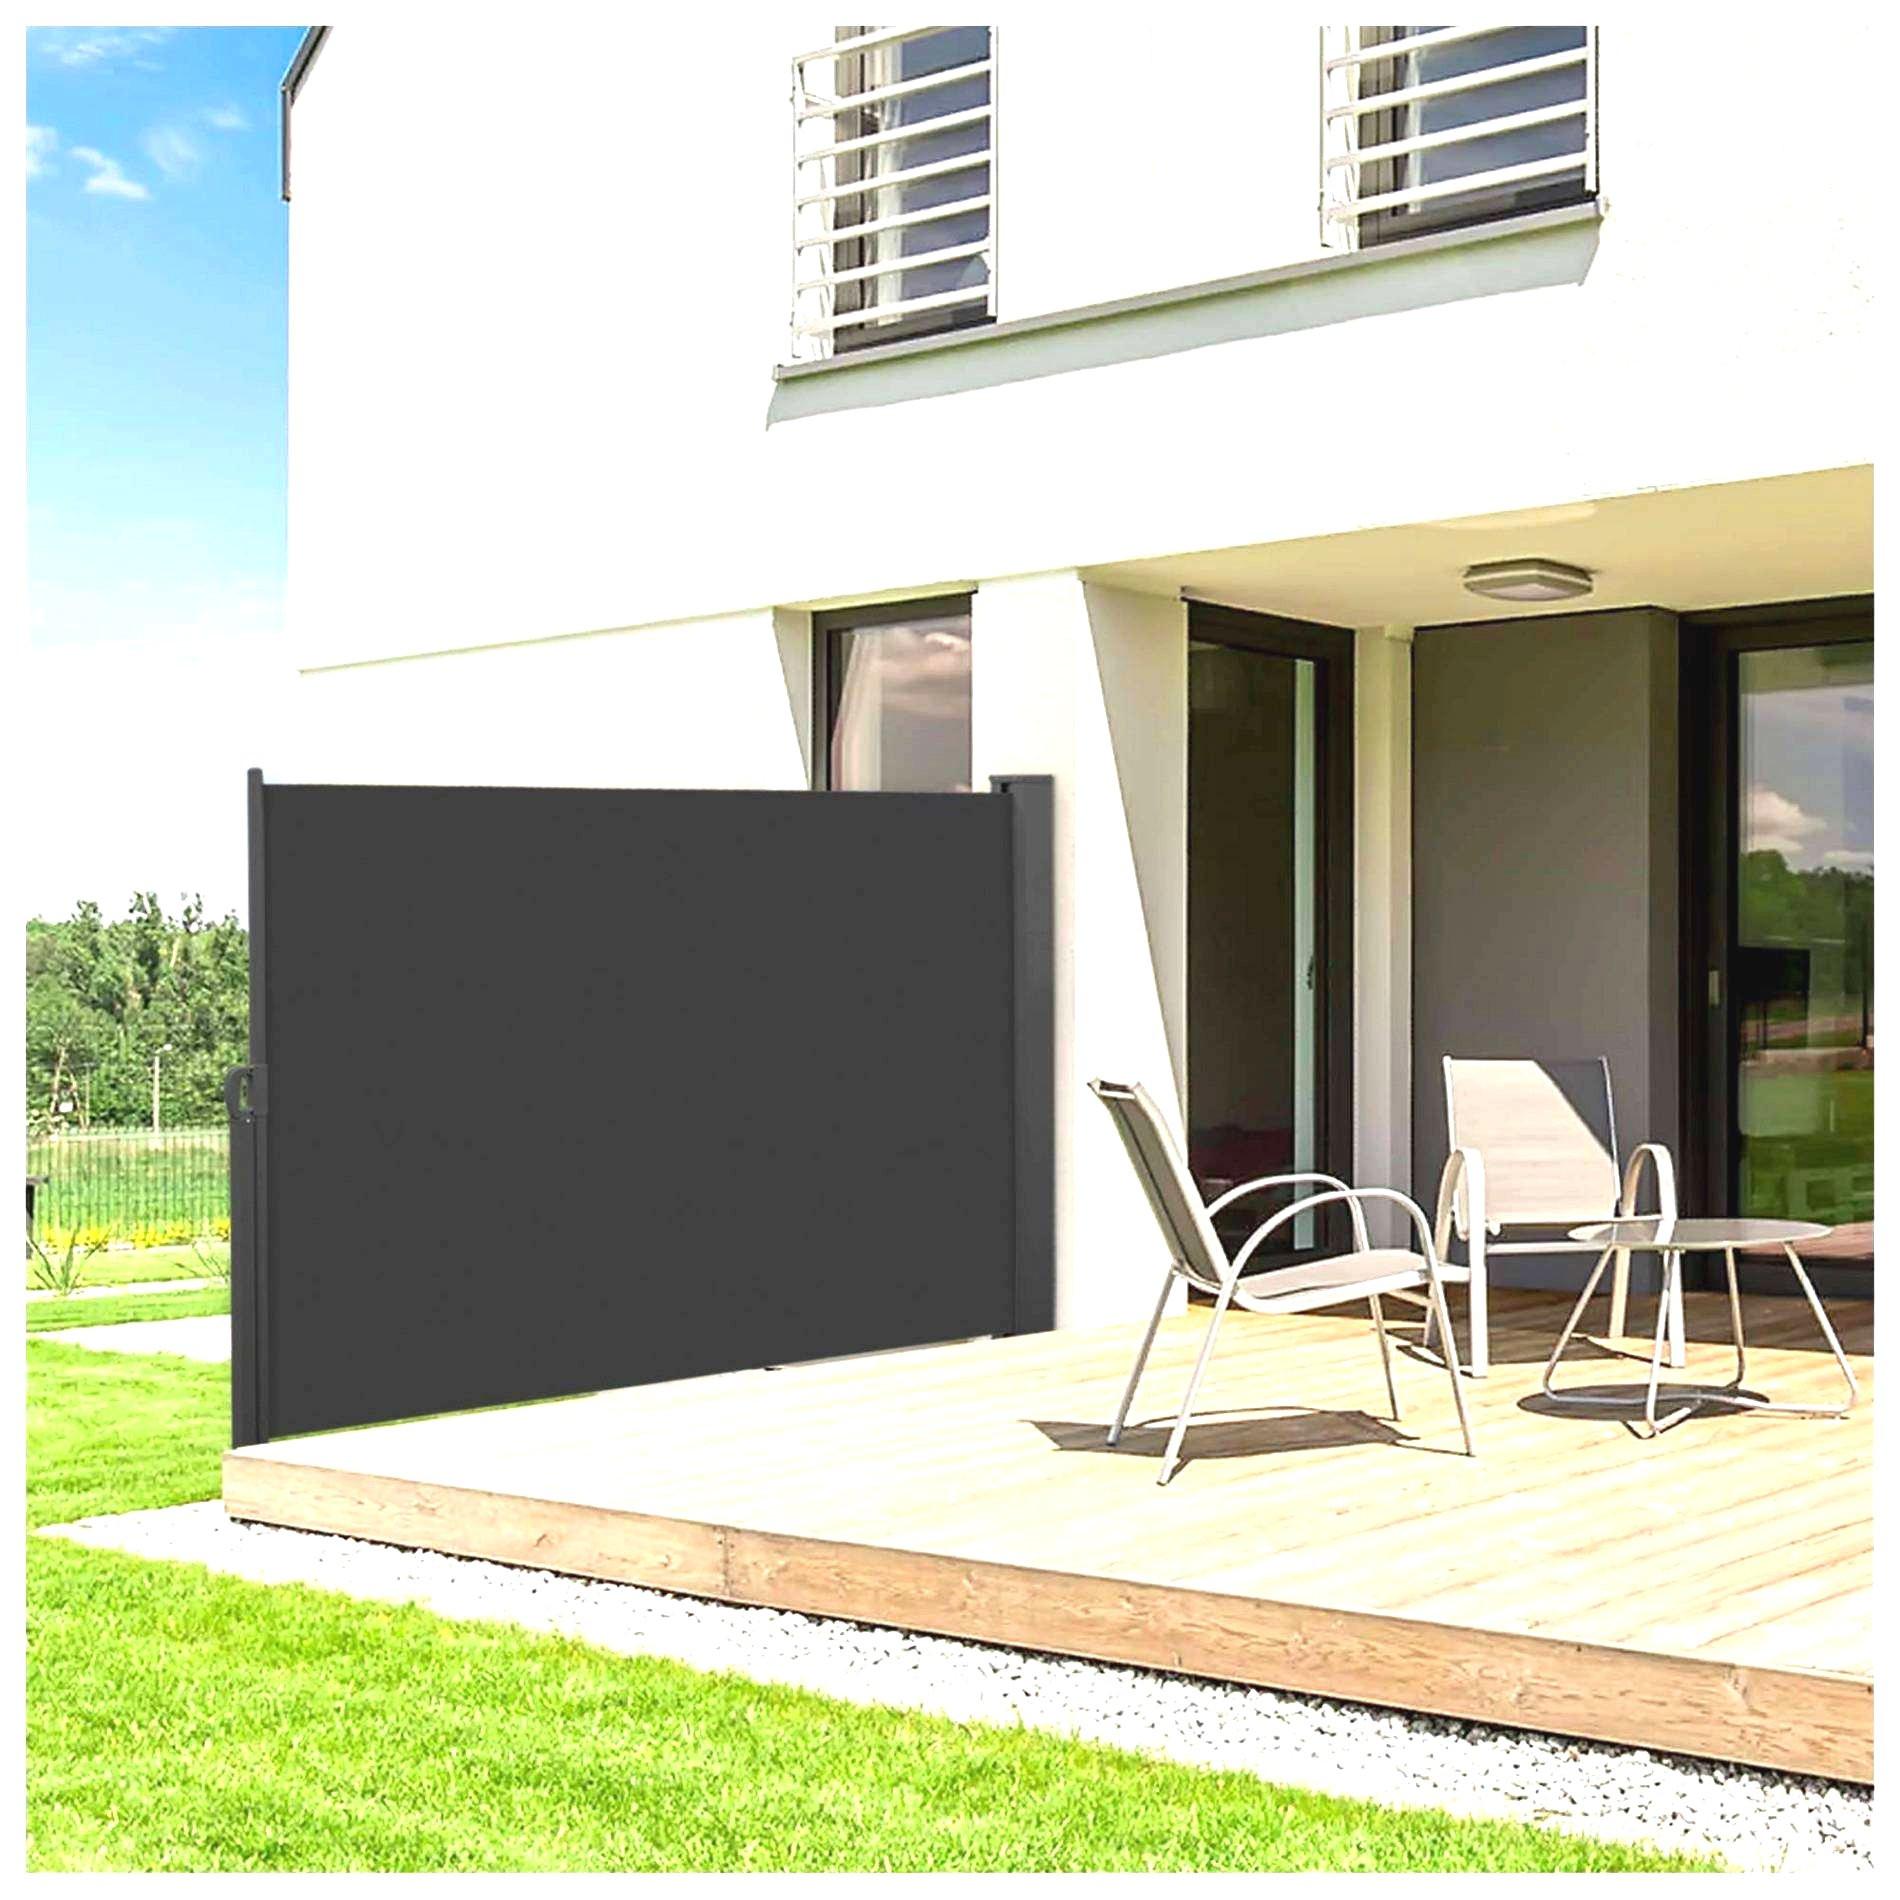 garten sichtschutz ideen holz auf terrasse terrassengestaltung sichtschutz 0d zum garten of garten sichtschutz ideen